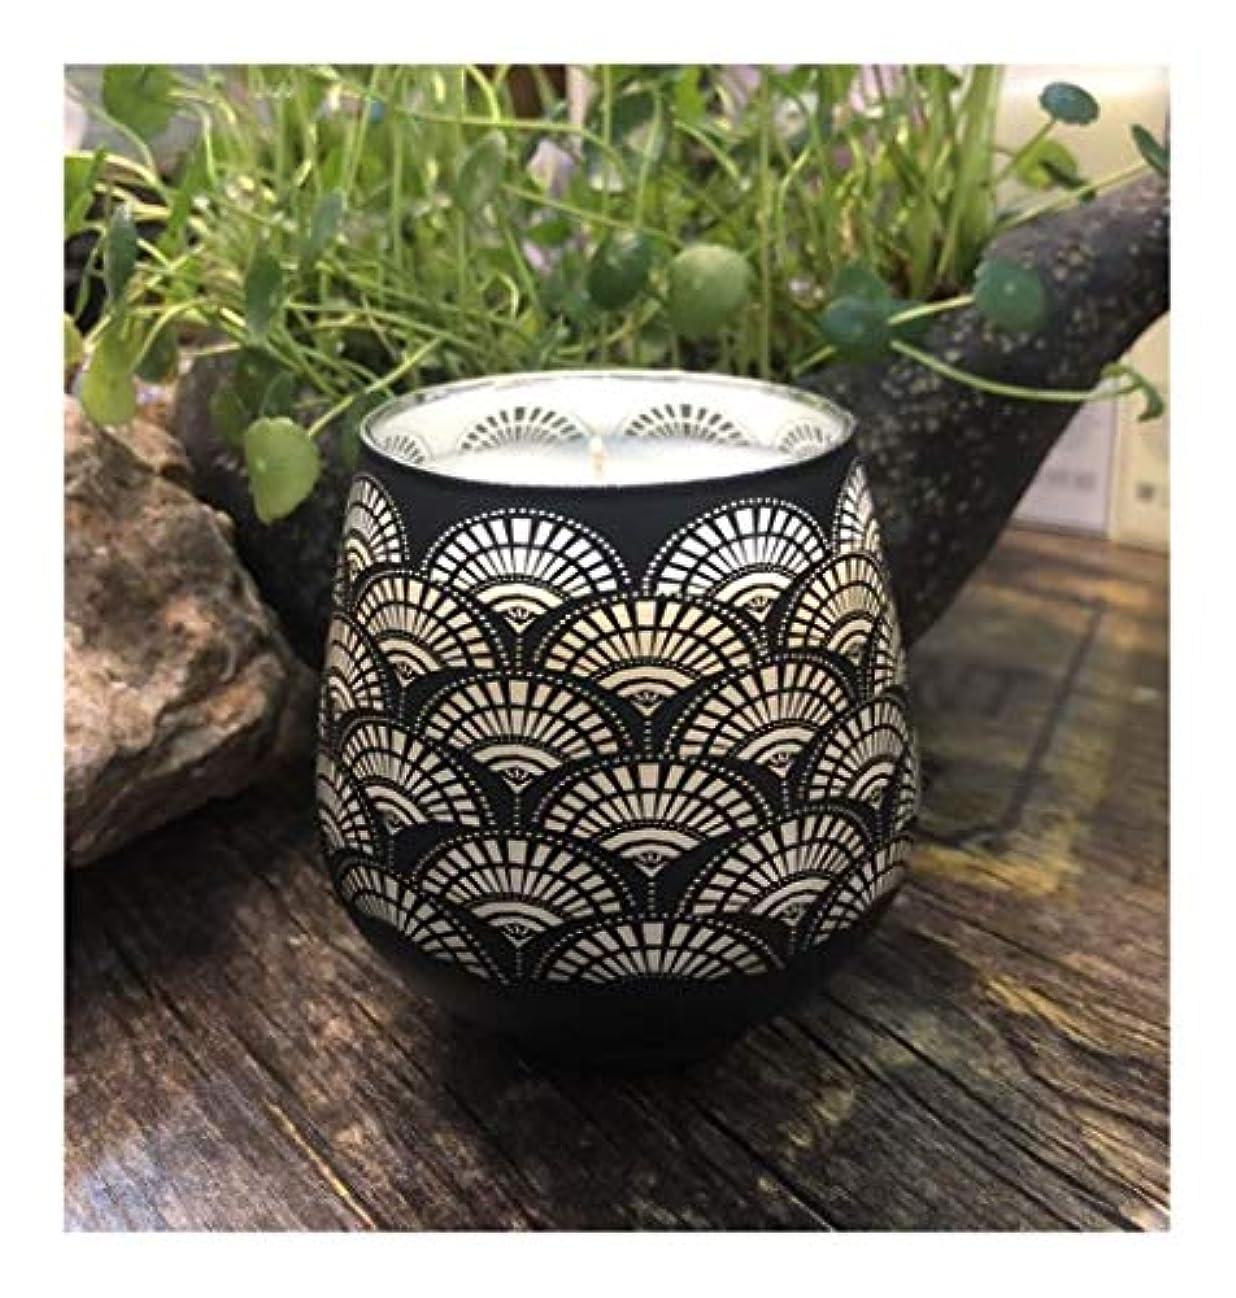 研磨セーターキャッチGuomao エッセンシャルオイルパターンガラス香料入りの蝋燭の家の装飾の大豆の屋内香料入りの蝋燭